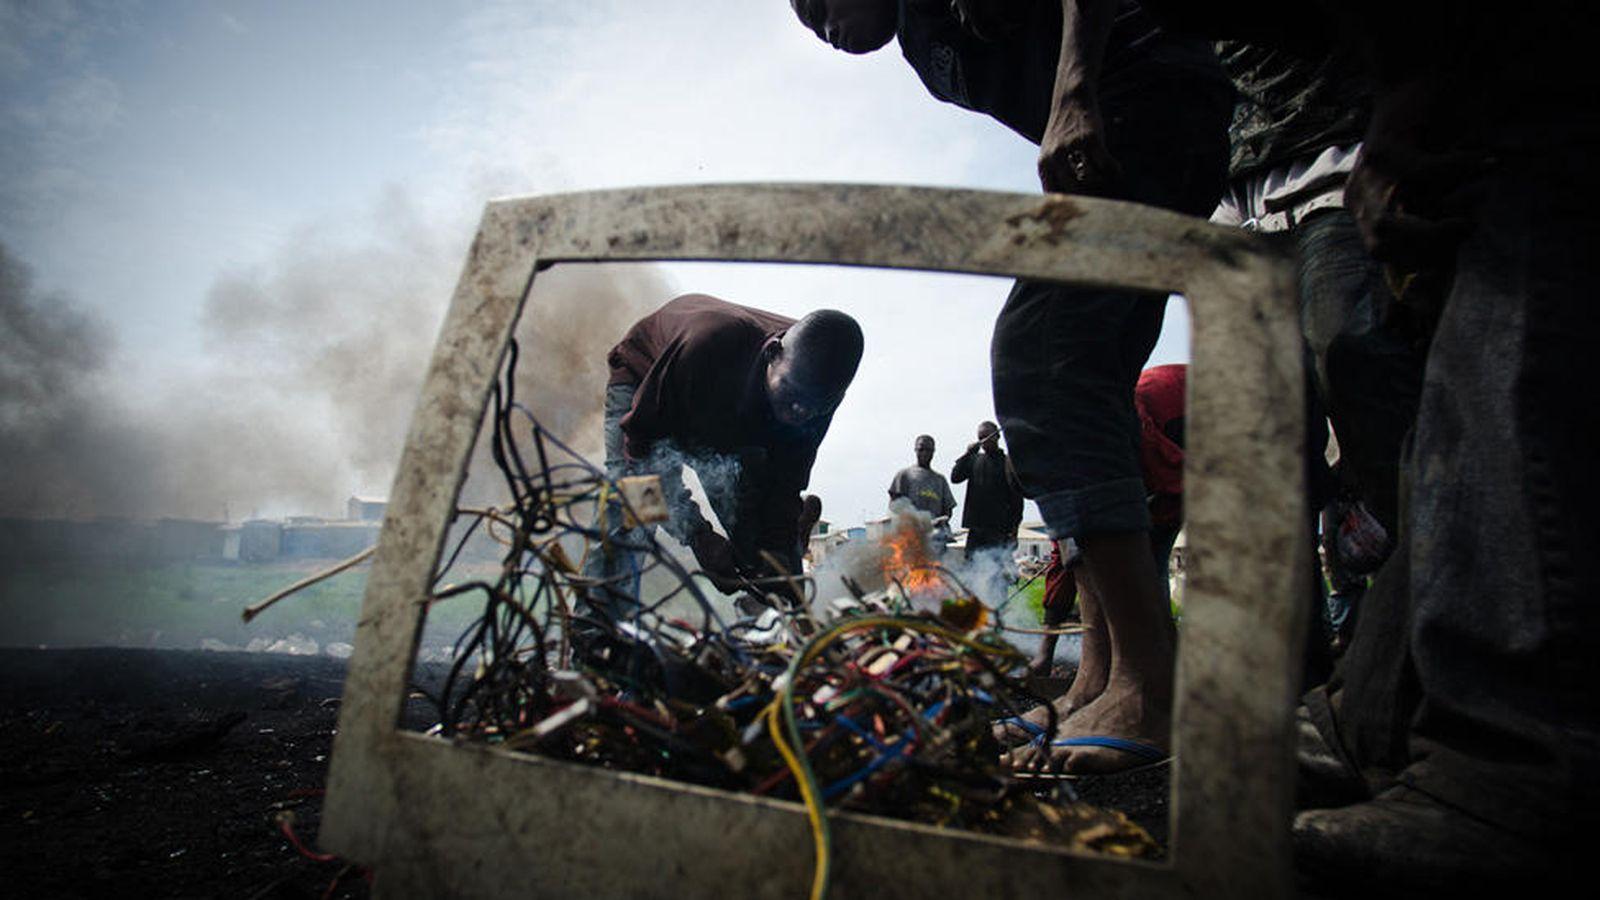 Foto: El vertedero tecnológico de Agbogbloshie, en Ghana, África. Fotos: Michael Ciaglo y Marlenenapoli, bajo licencia Creative Commons